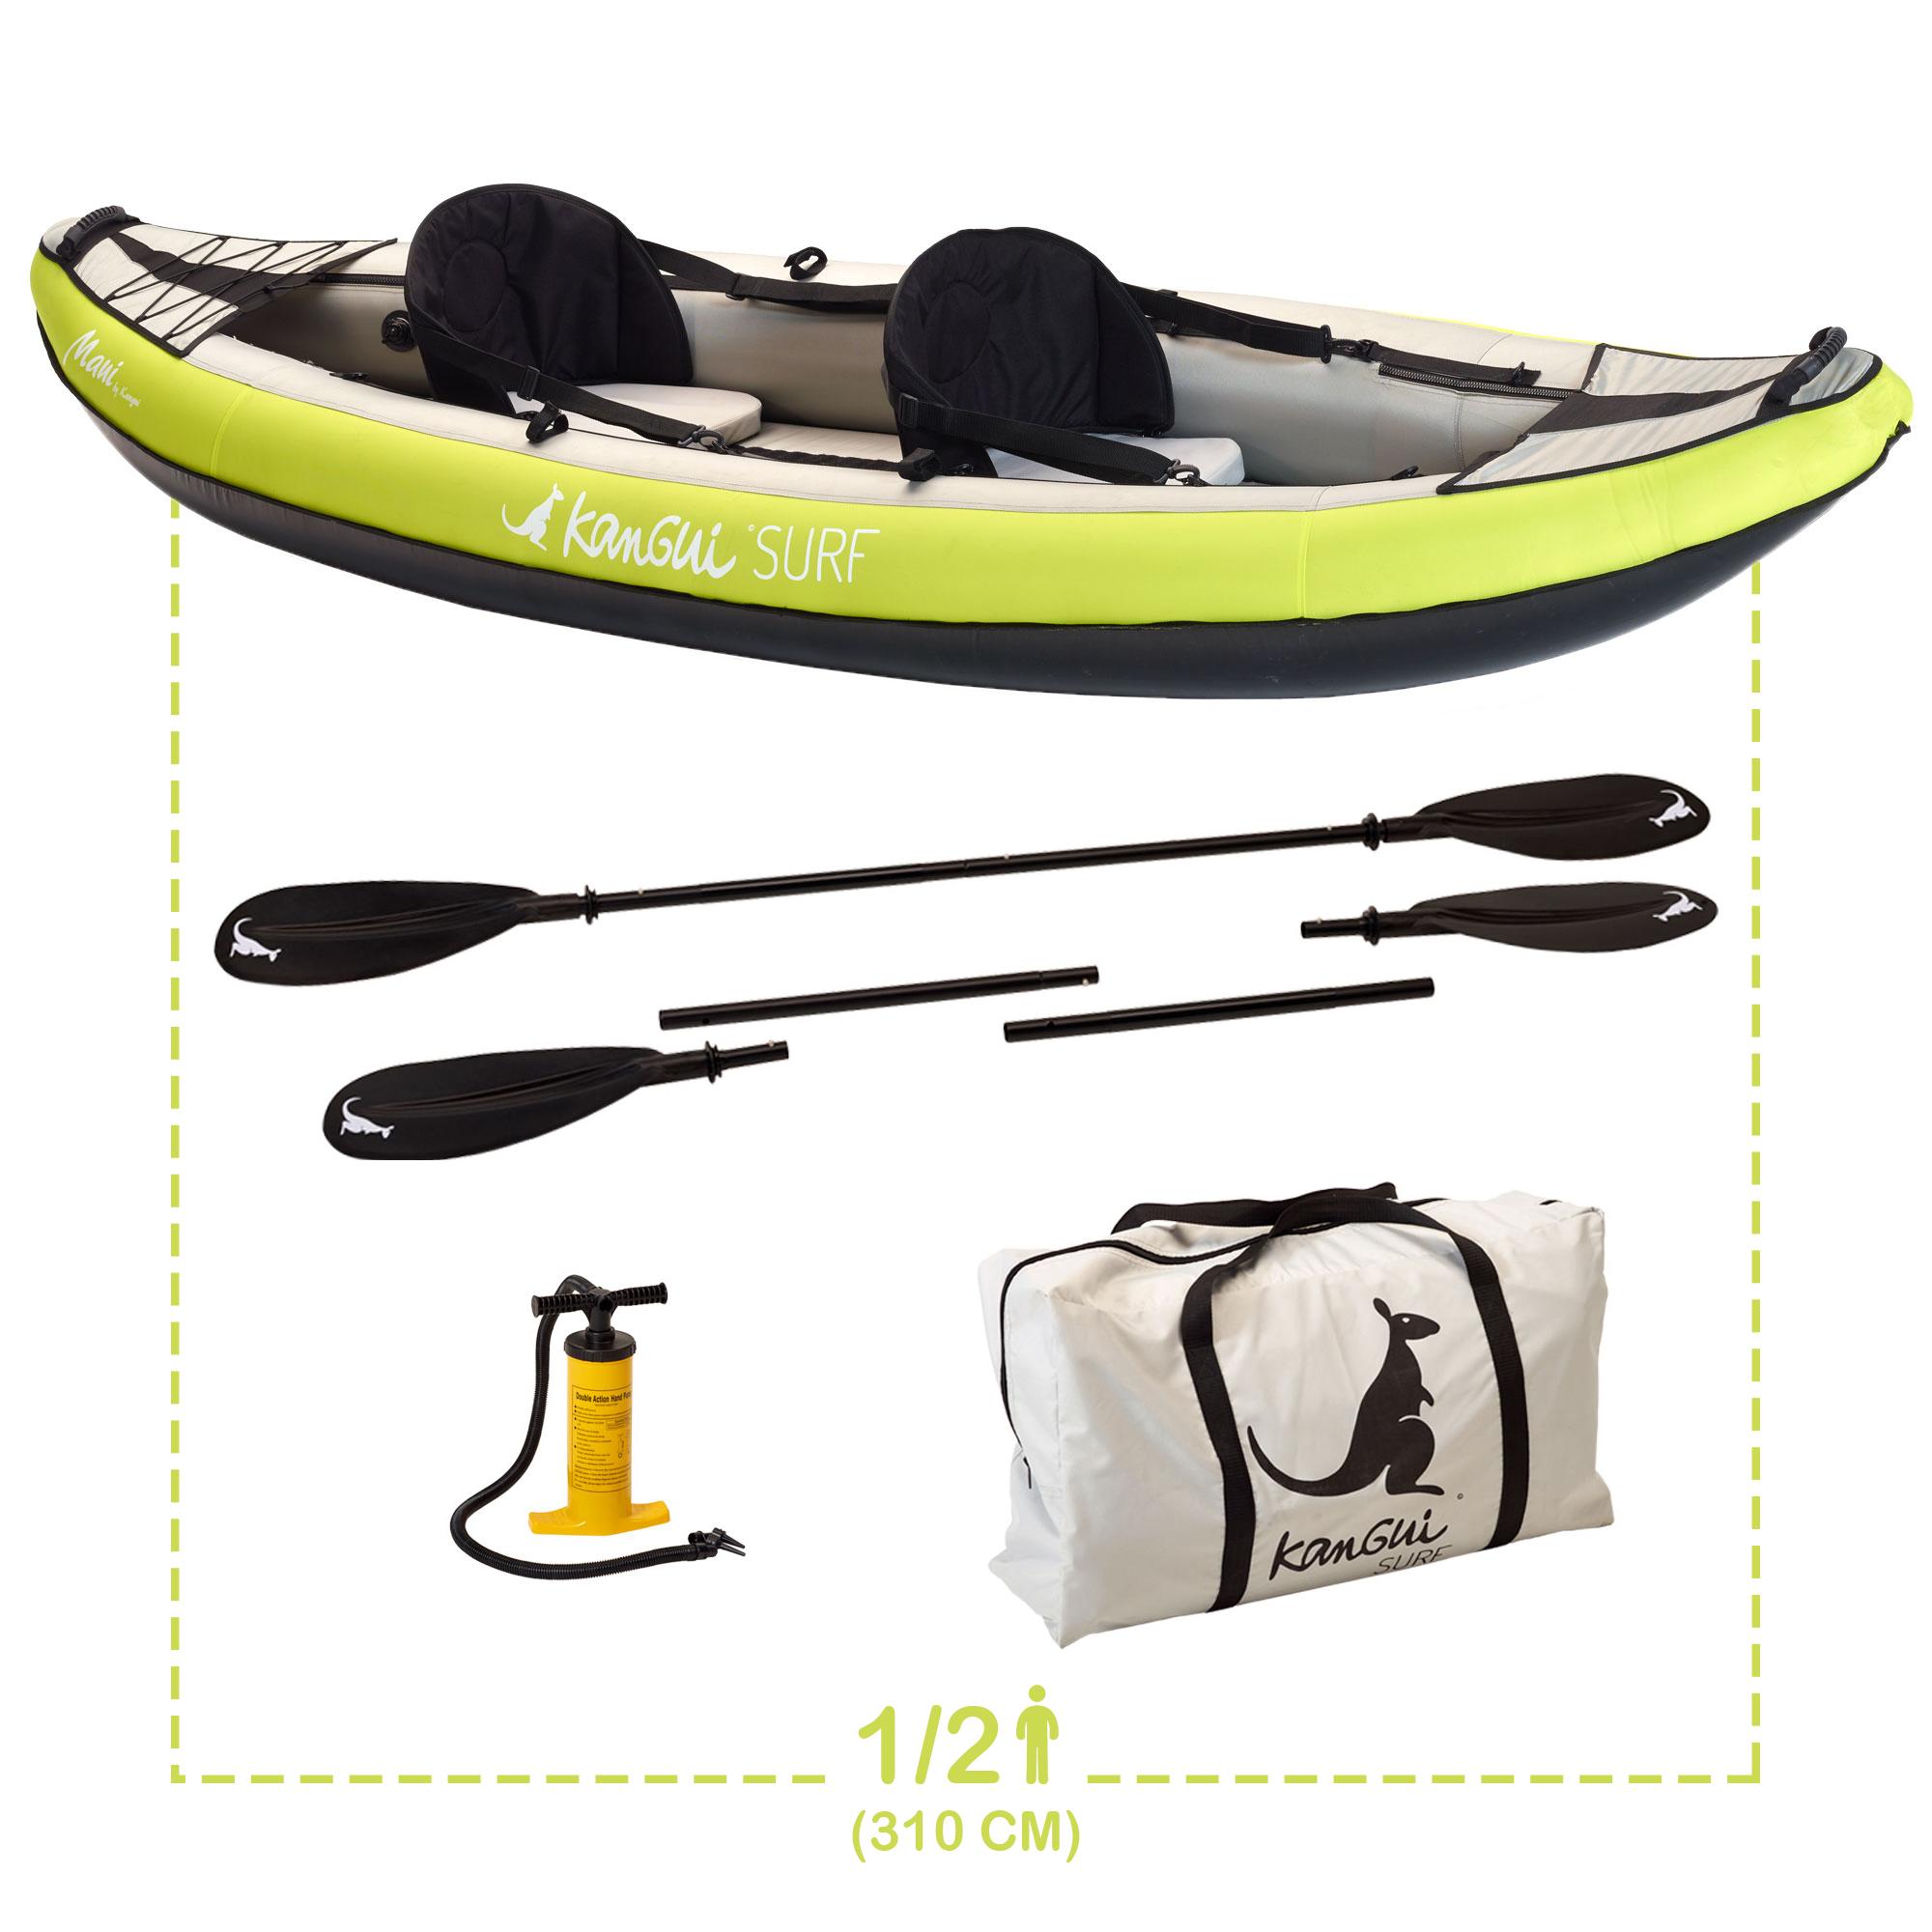 pack complet kayak gonflable maui kangui